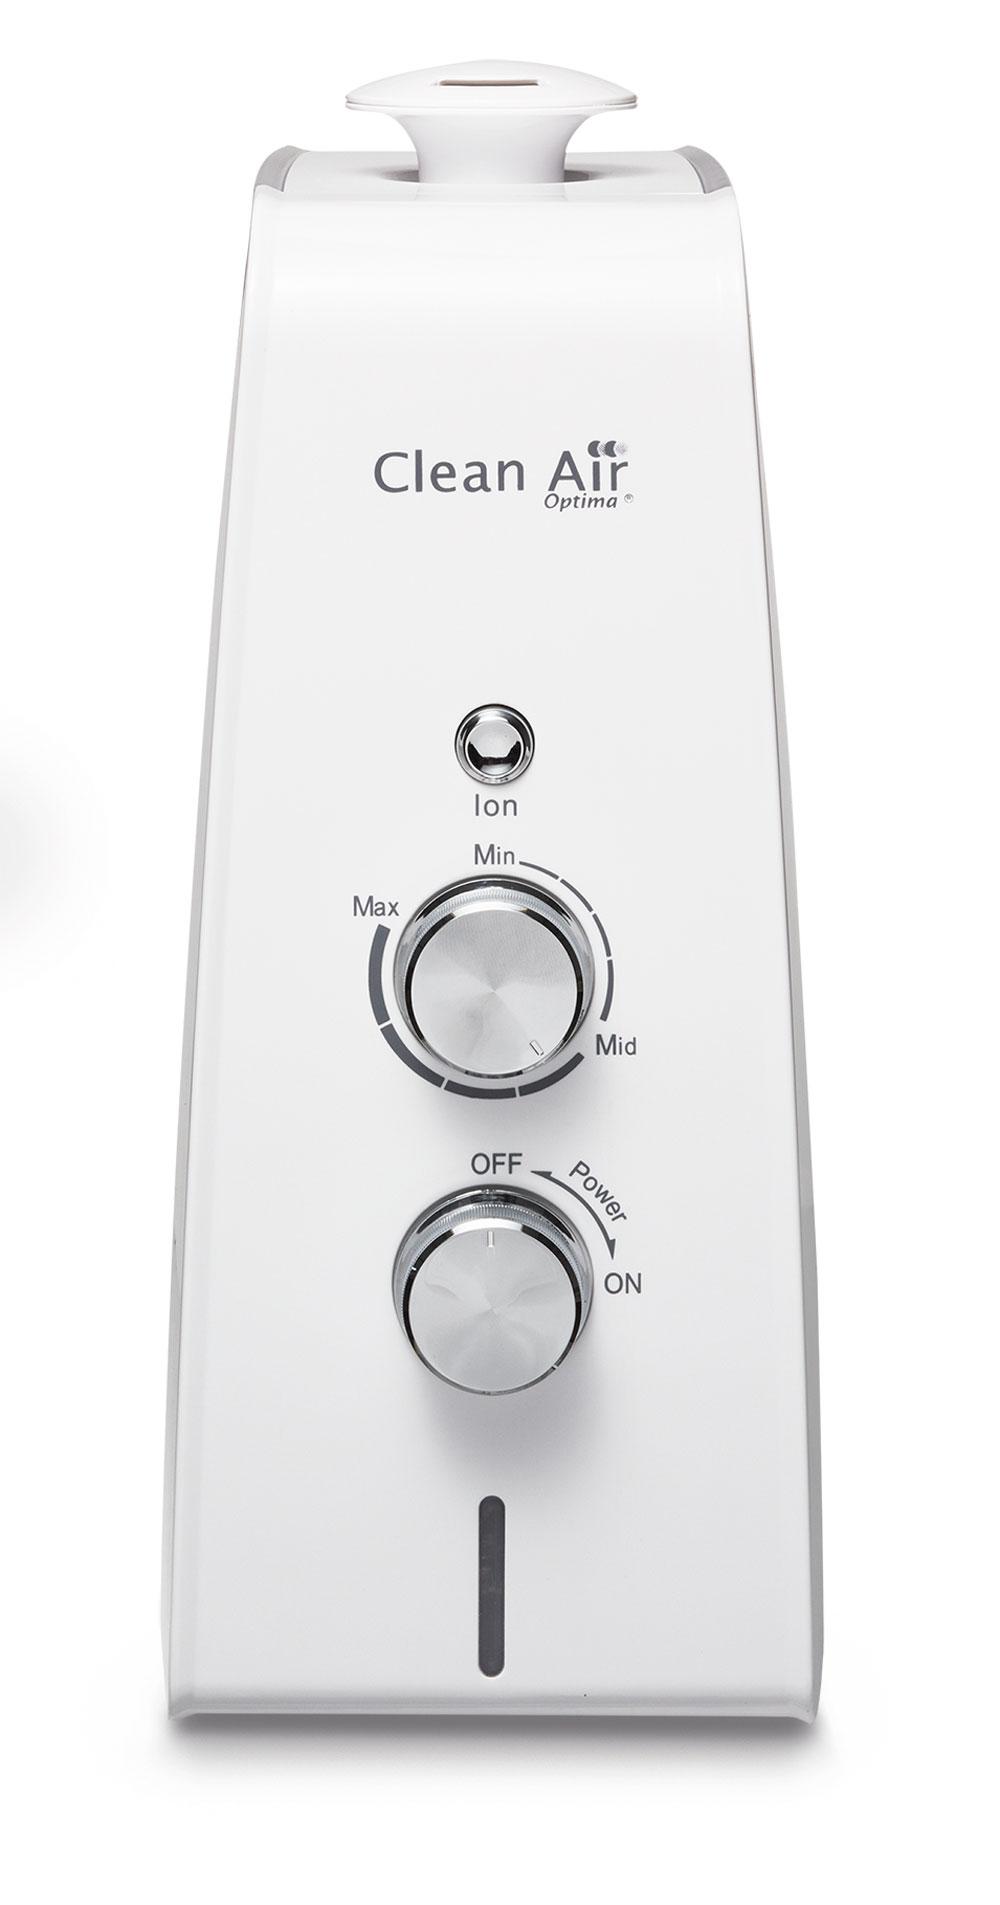 Humidificador de aire Clean Air Optim CA-602 panel de accionamiento